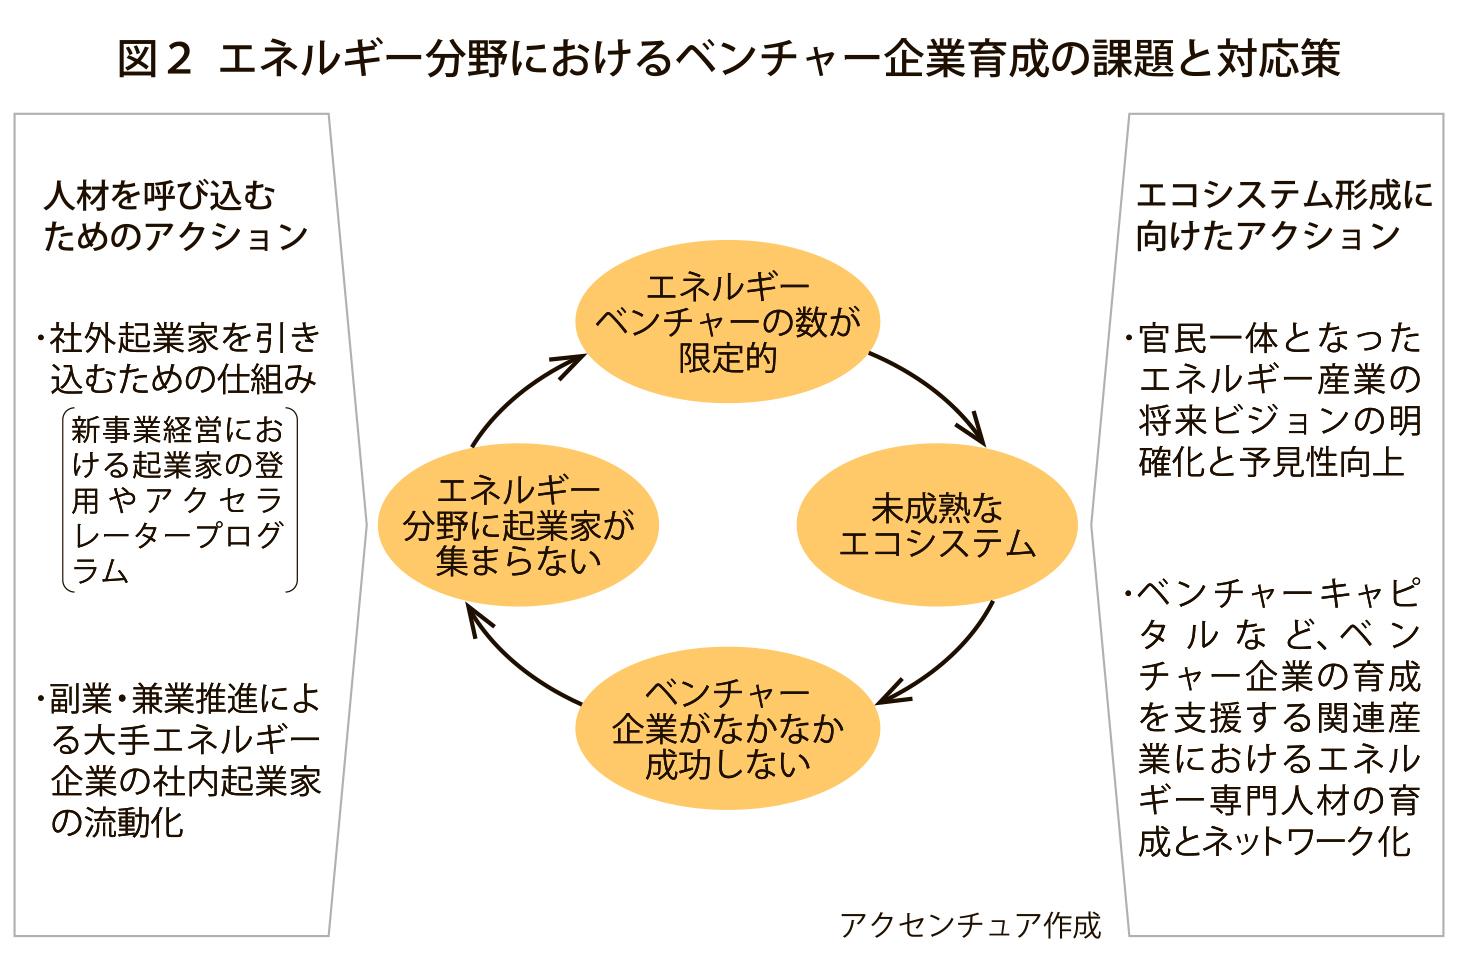 図_課題と対応策_4c